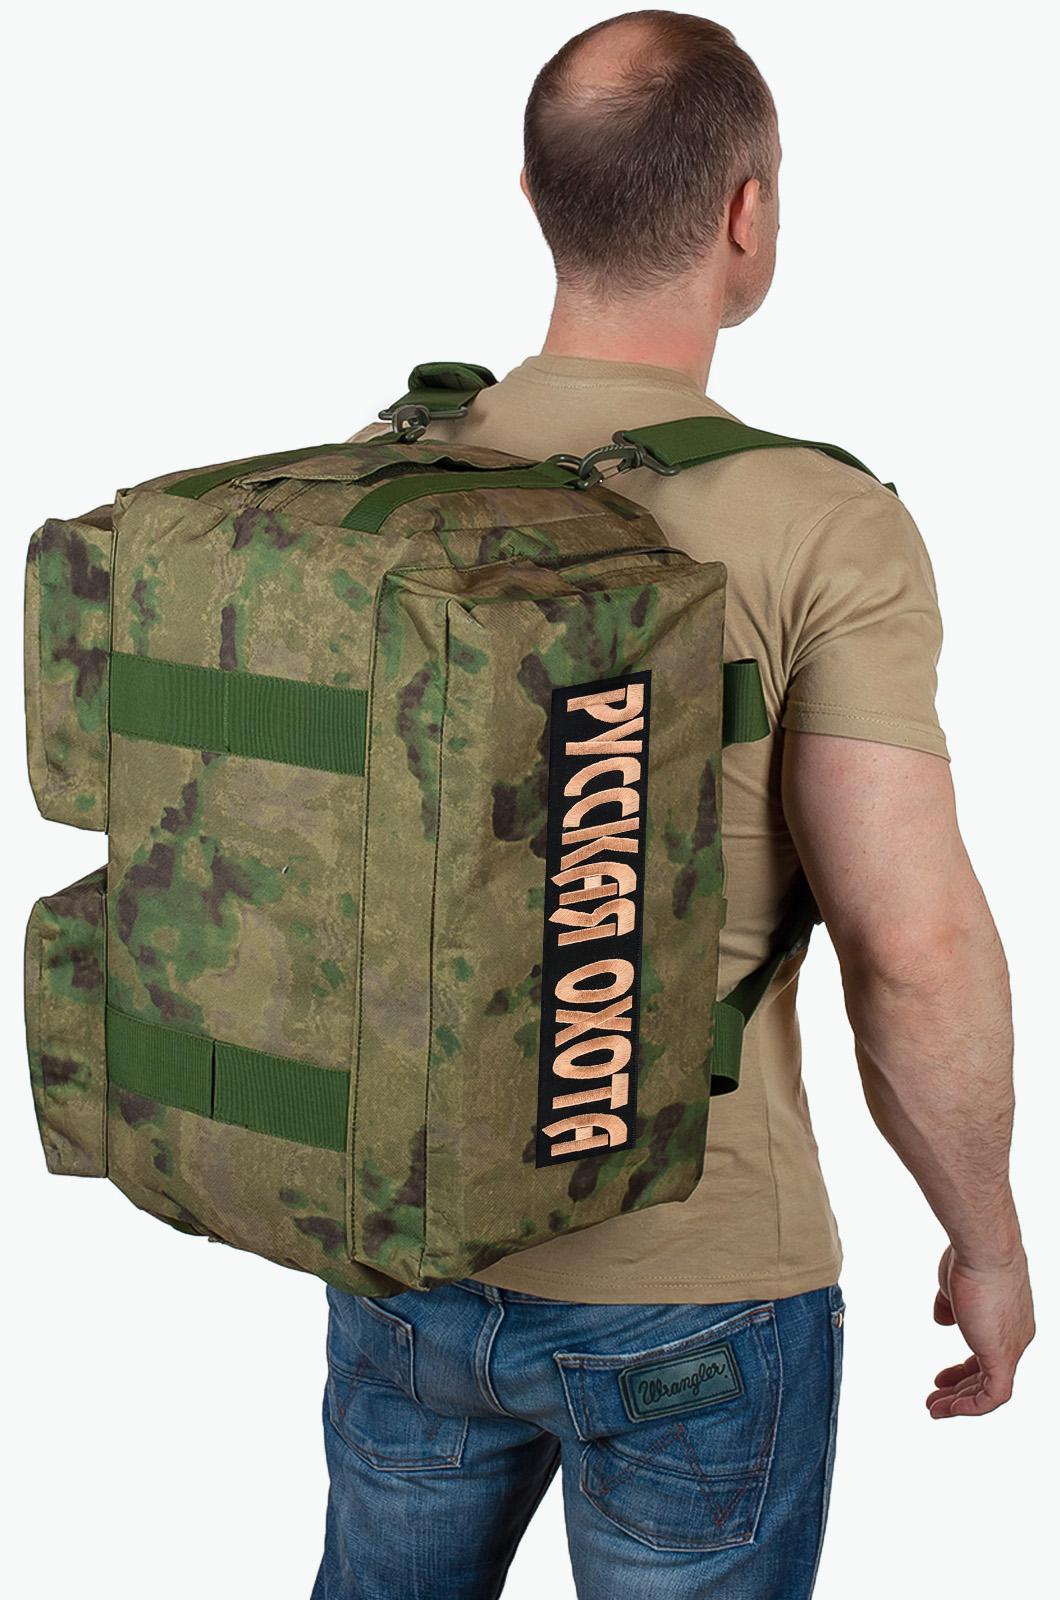 Купить походную камуфляжную сумку Русская Охота по экономичной цене